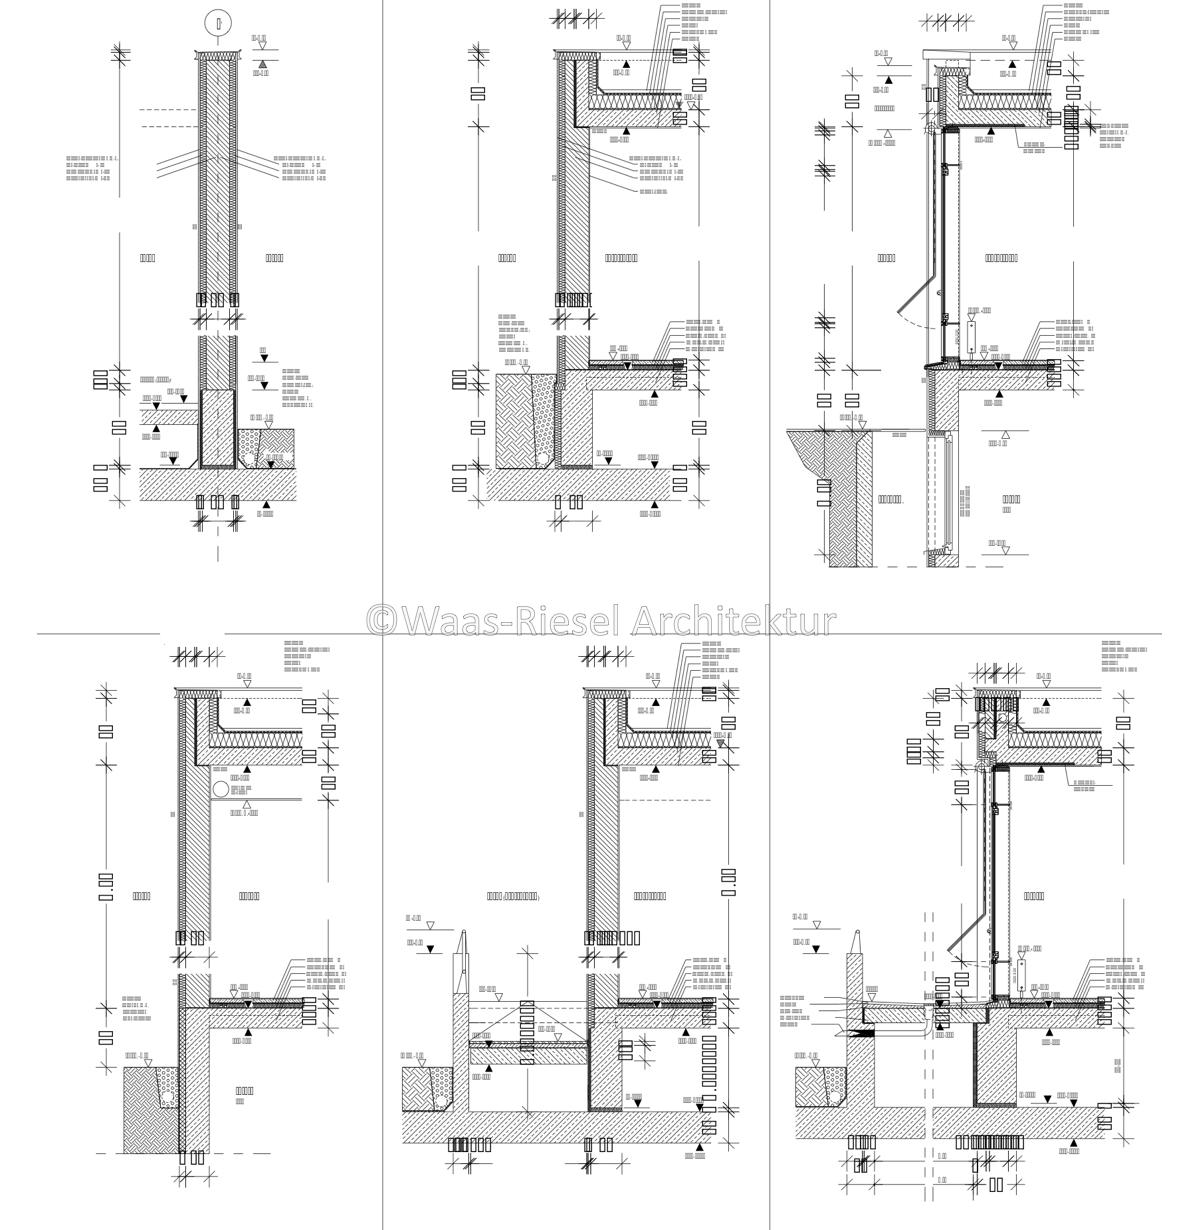 Planung Verwaltungsgebäudes: Fassadenschnitte